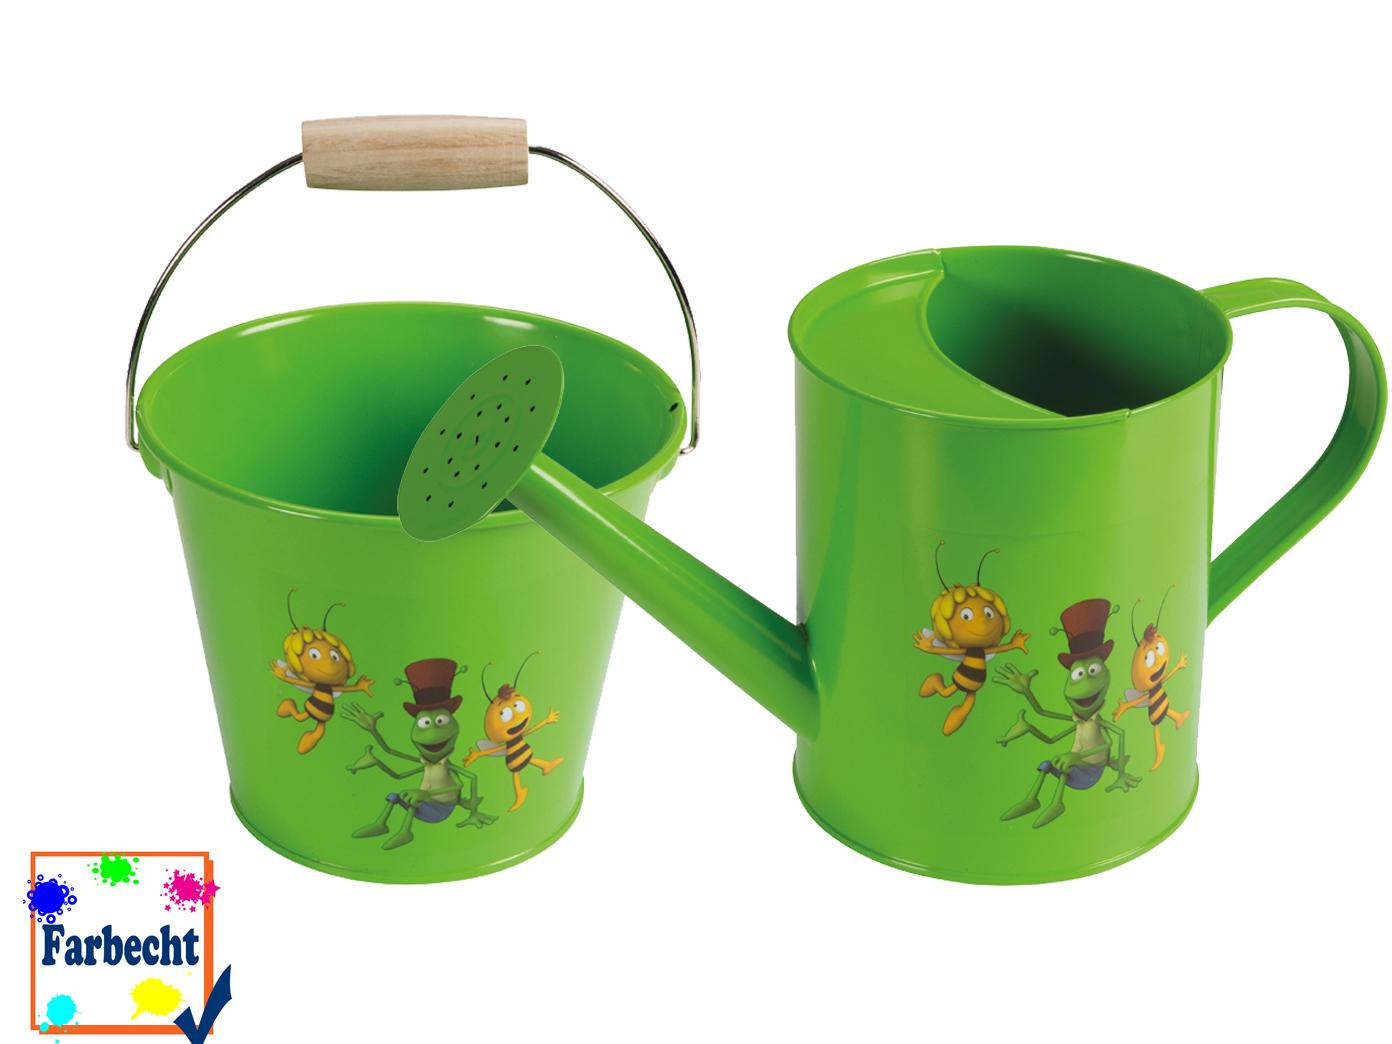 Sandspielzeug Eimer Eimer Eimer   Gartenspielzeug für Kinder, -DIE BIENE MAJA-   Sonderangebot    Nutzen Sie Materialien voll aus  f7908a